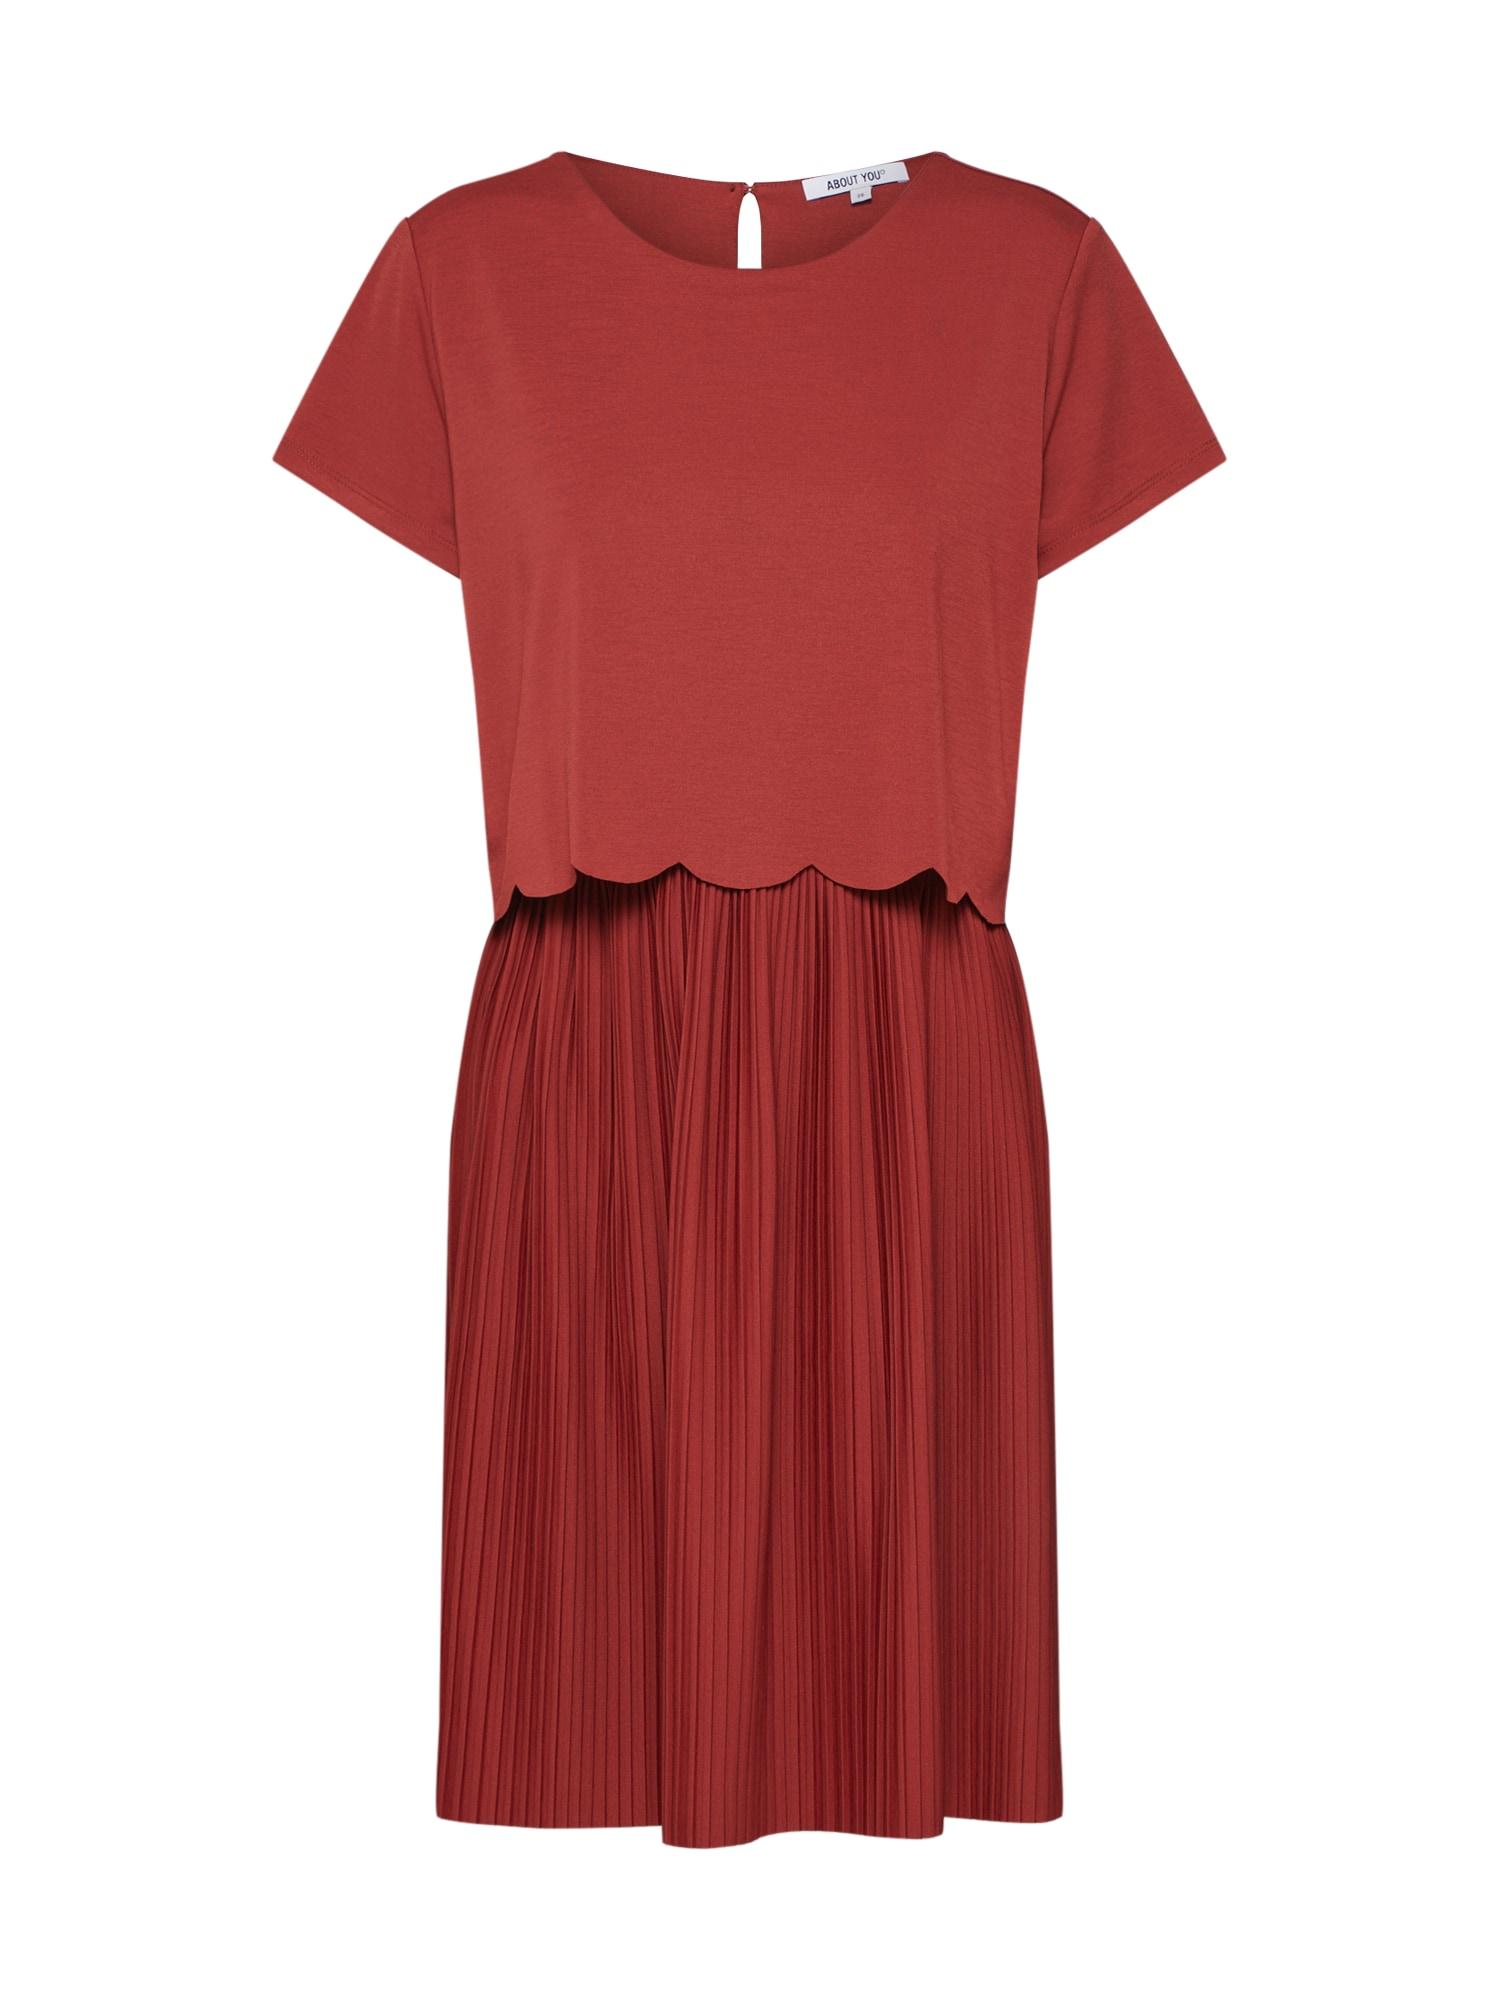 ABOUT YOU Vasarinė suknelė 'Dinah' rūdžių raudona